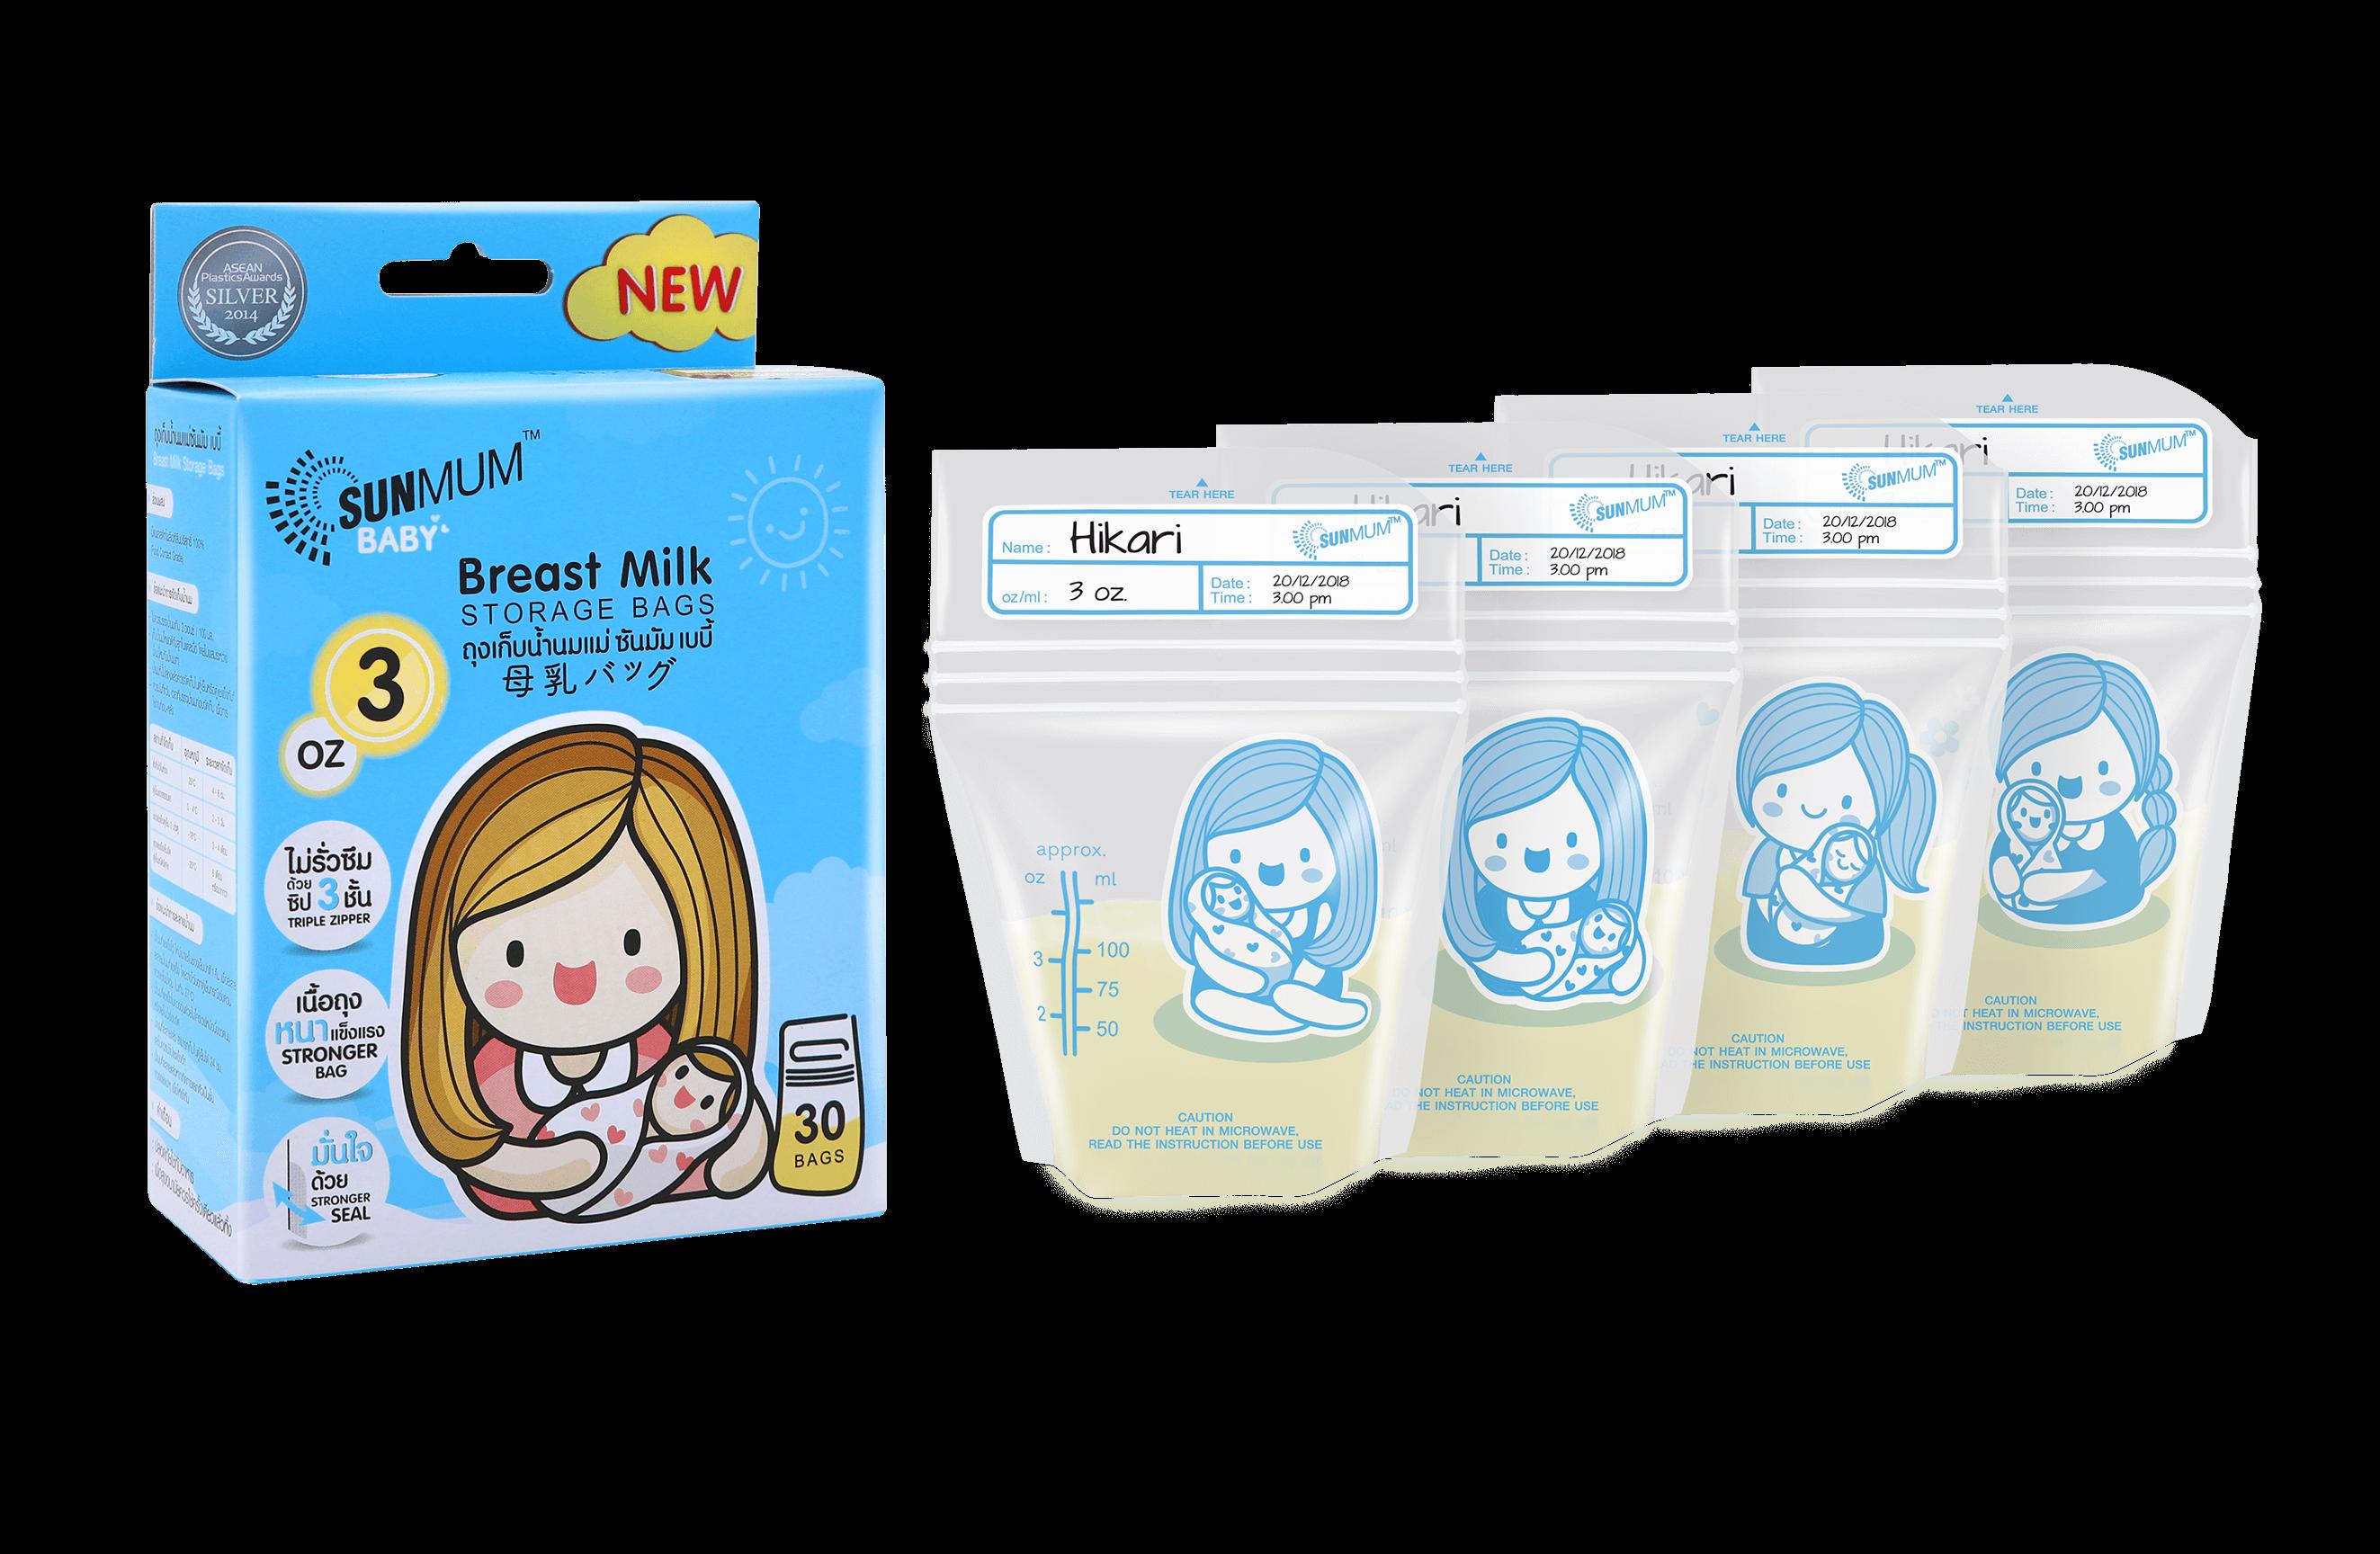 SUNMUM Breast Milk Storage Bags 3 OZ